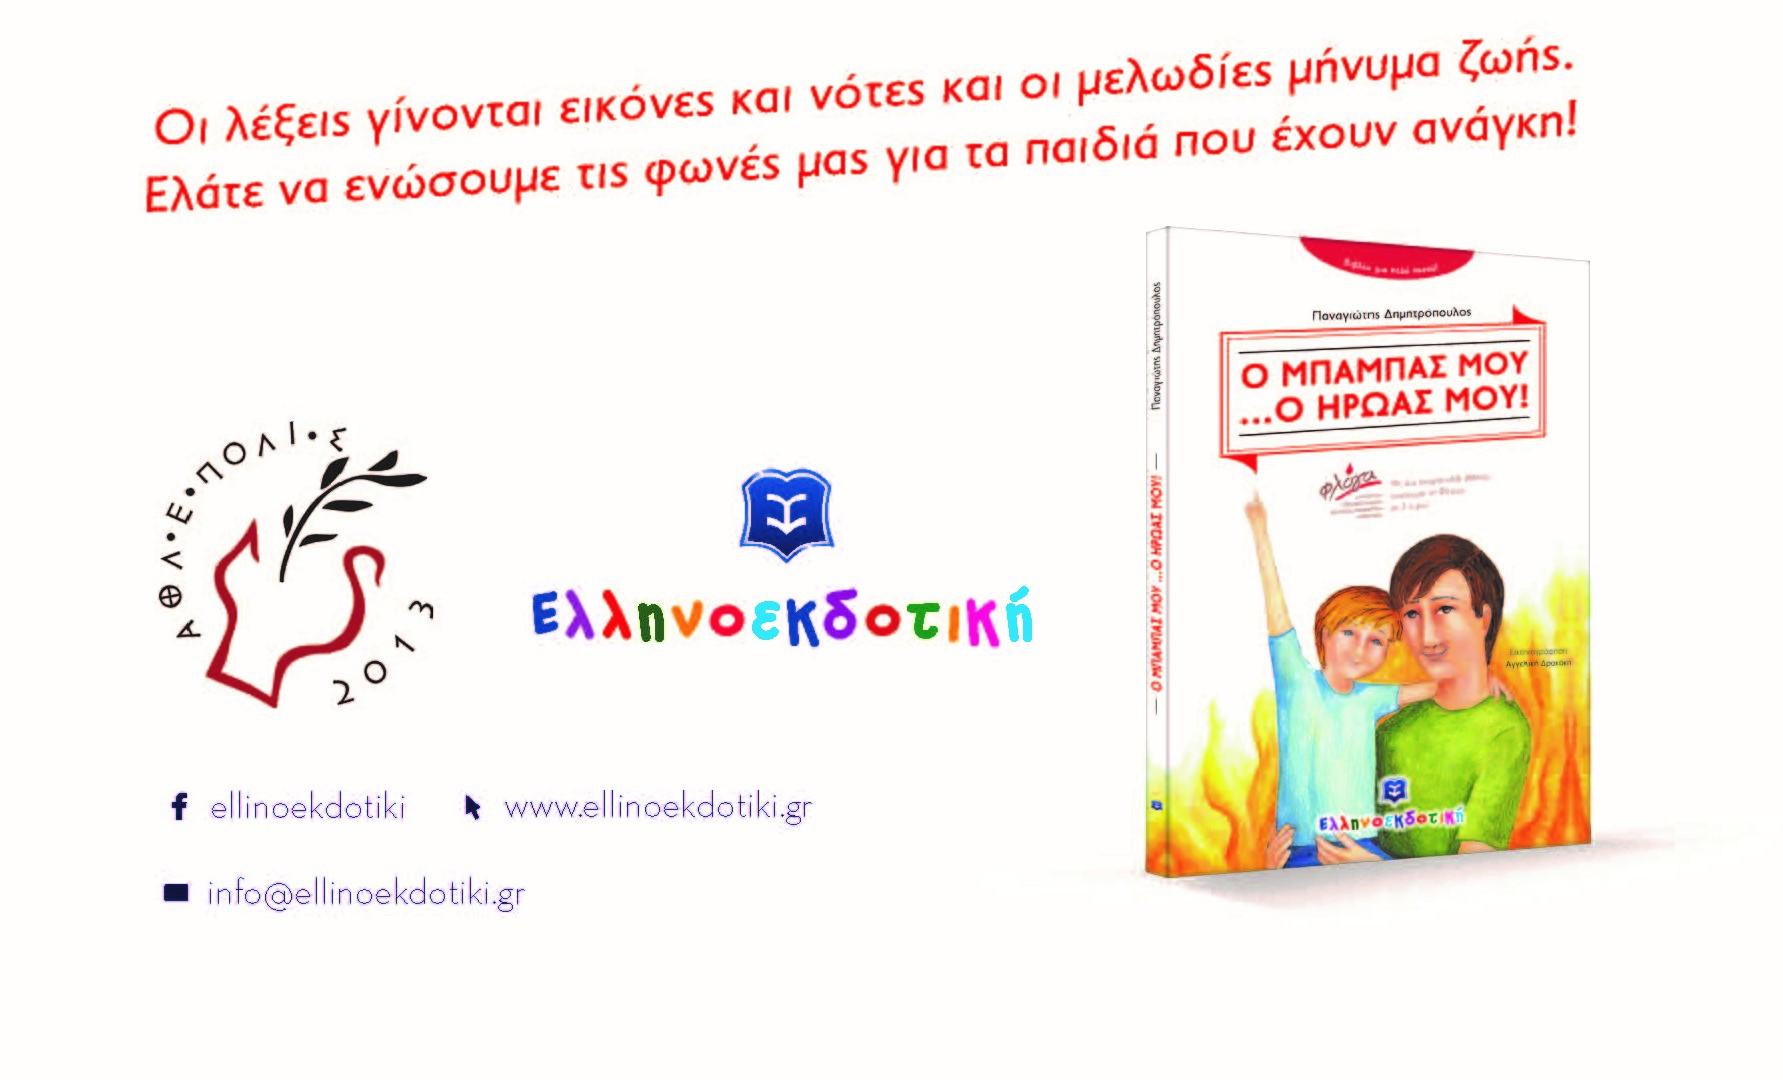 Με την Ελληνοεκδοτική, τη Φλόγα και τρεις ολυμπιονίκες